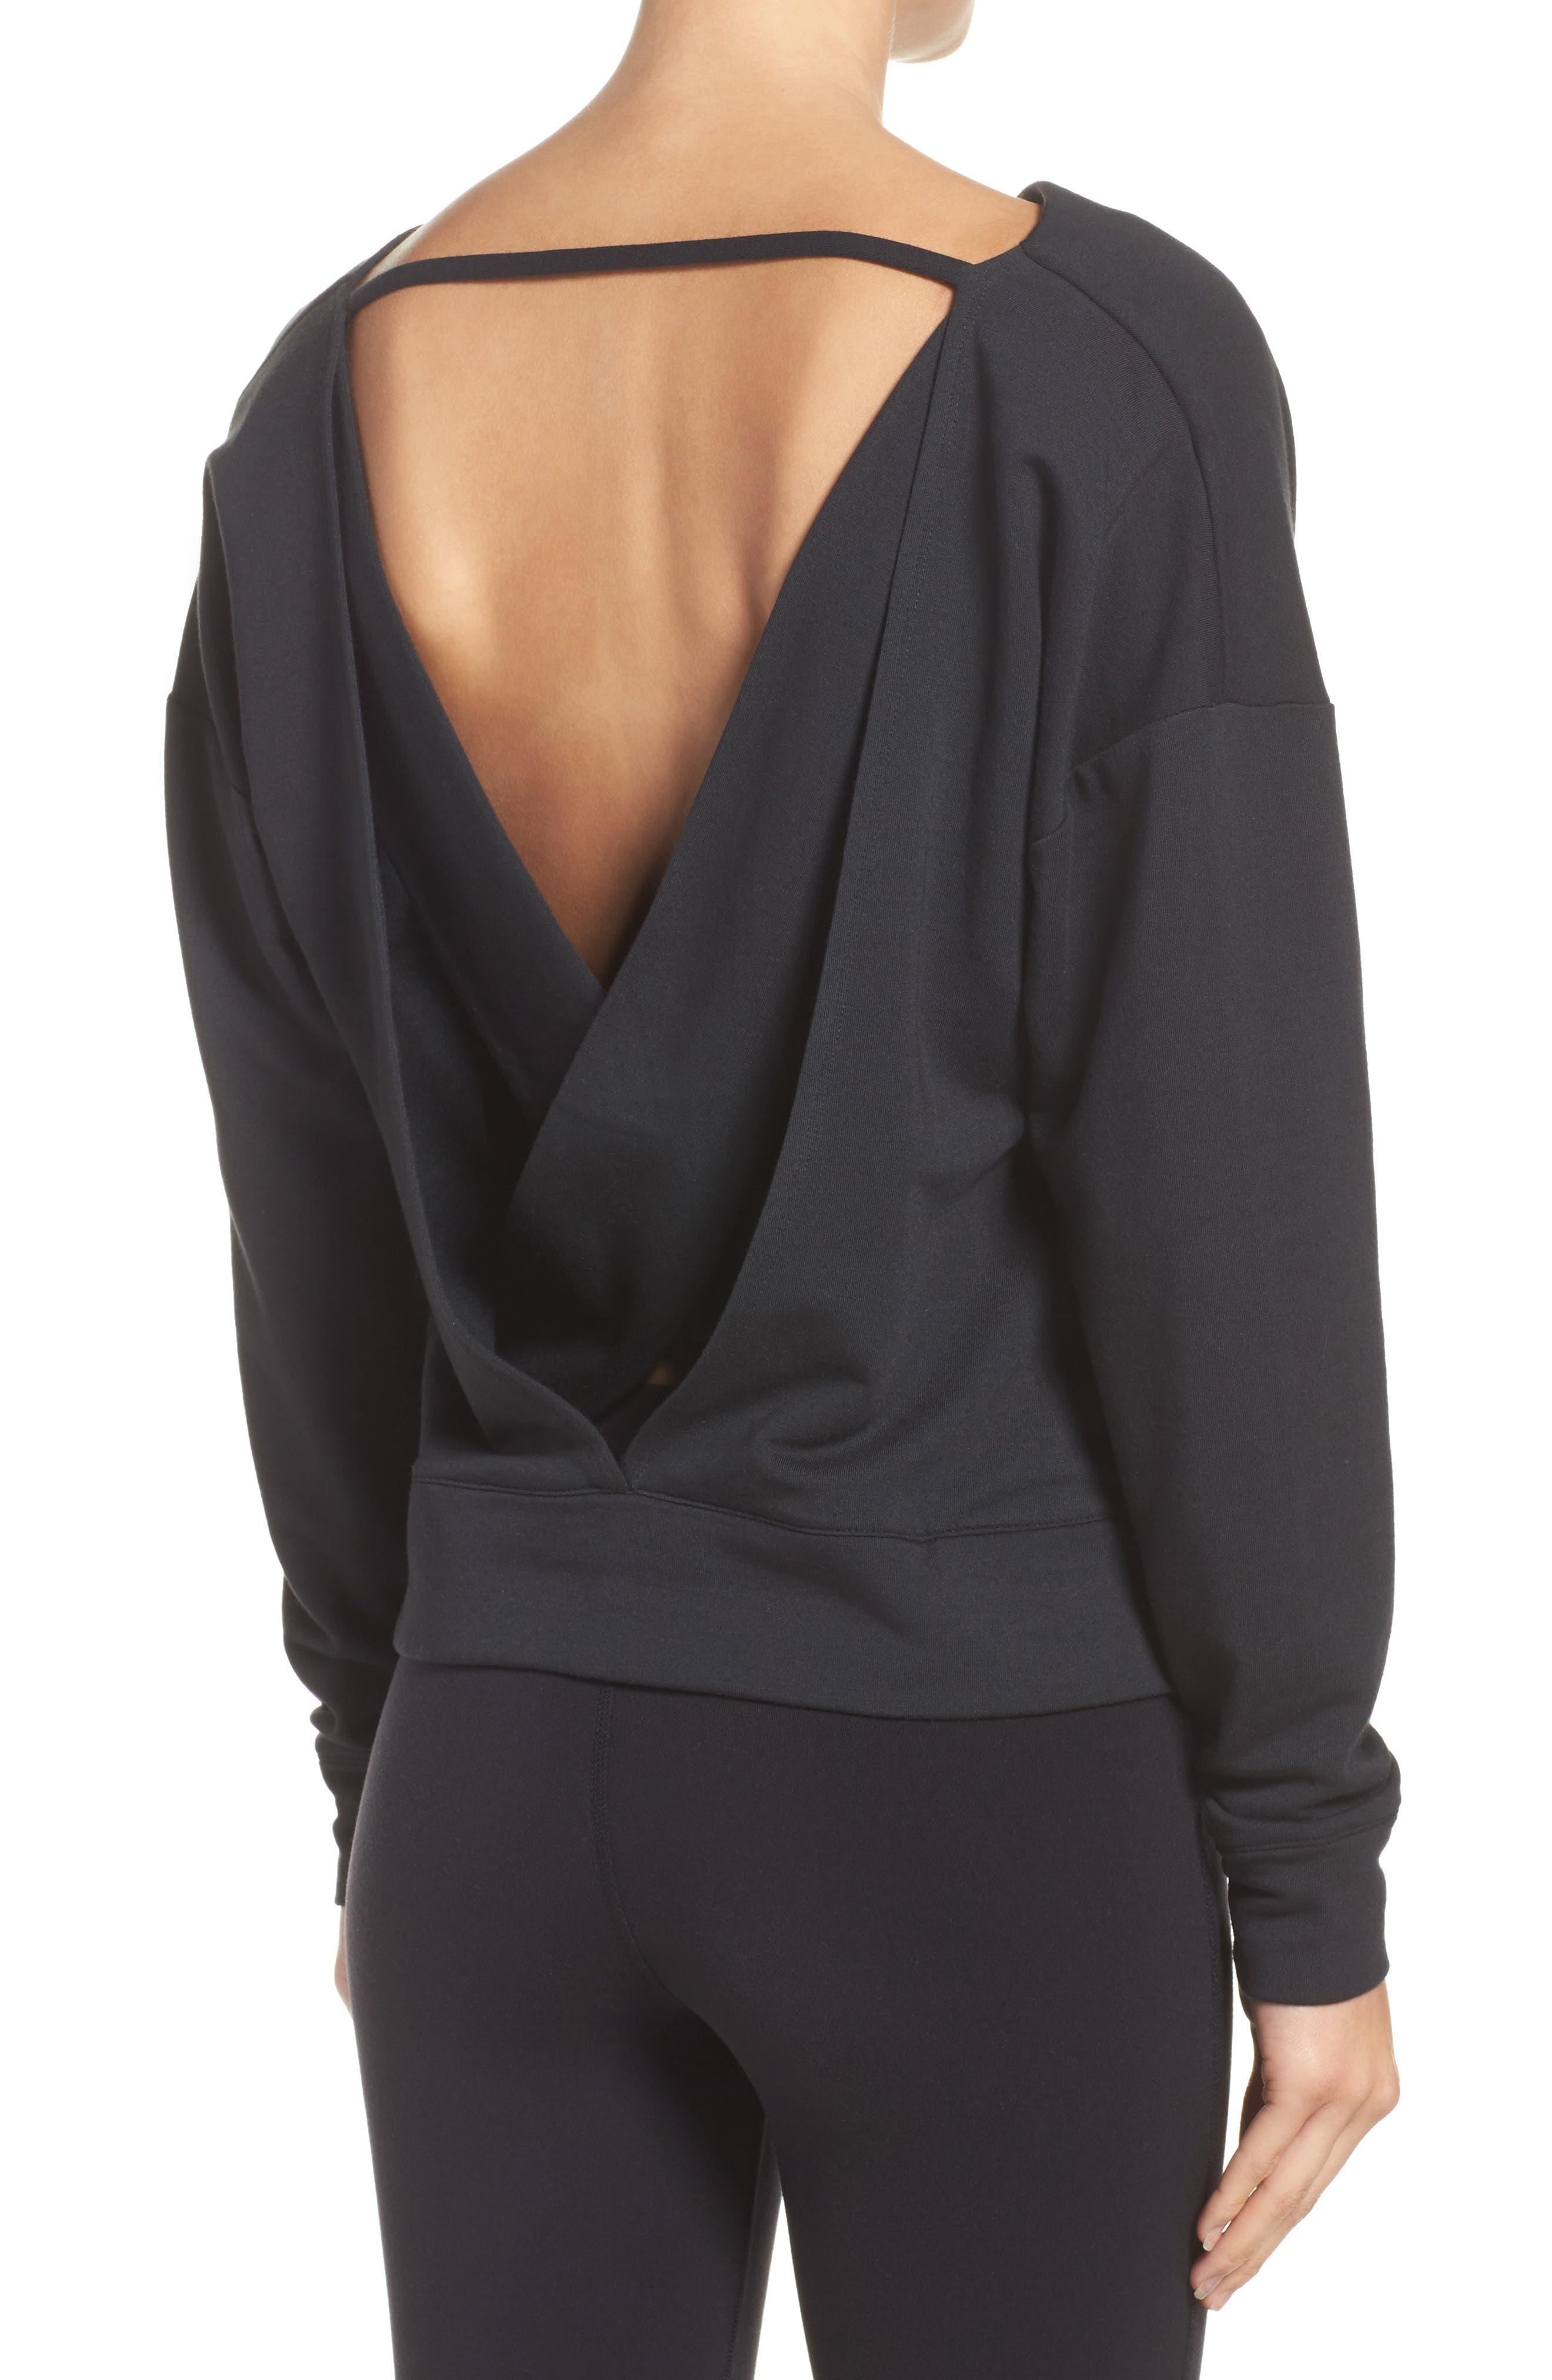 Uplift Modal Blend Top,                         Main,                         color, Black